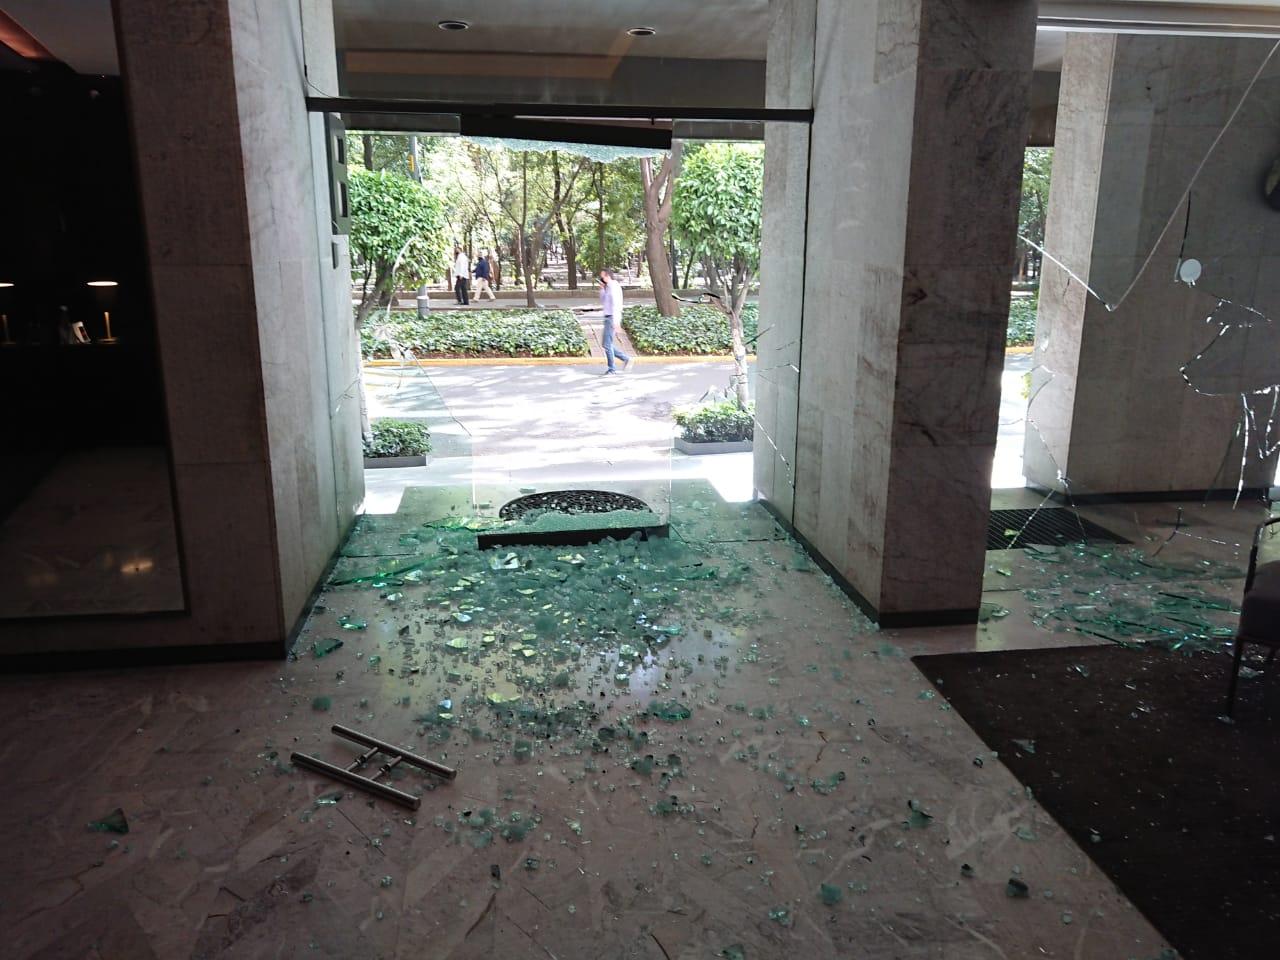 La desestabilización que buscan los grupos que vandalizaron Polanco